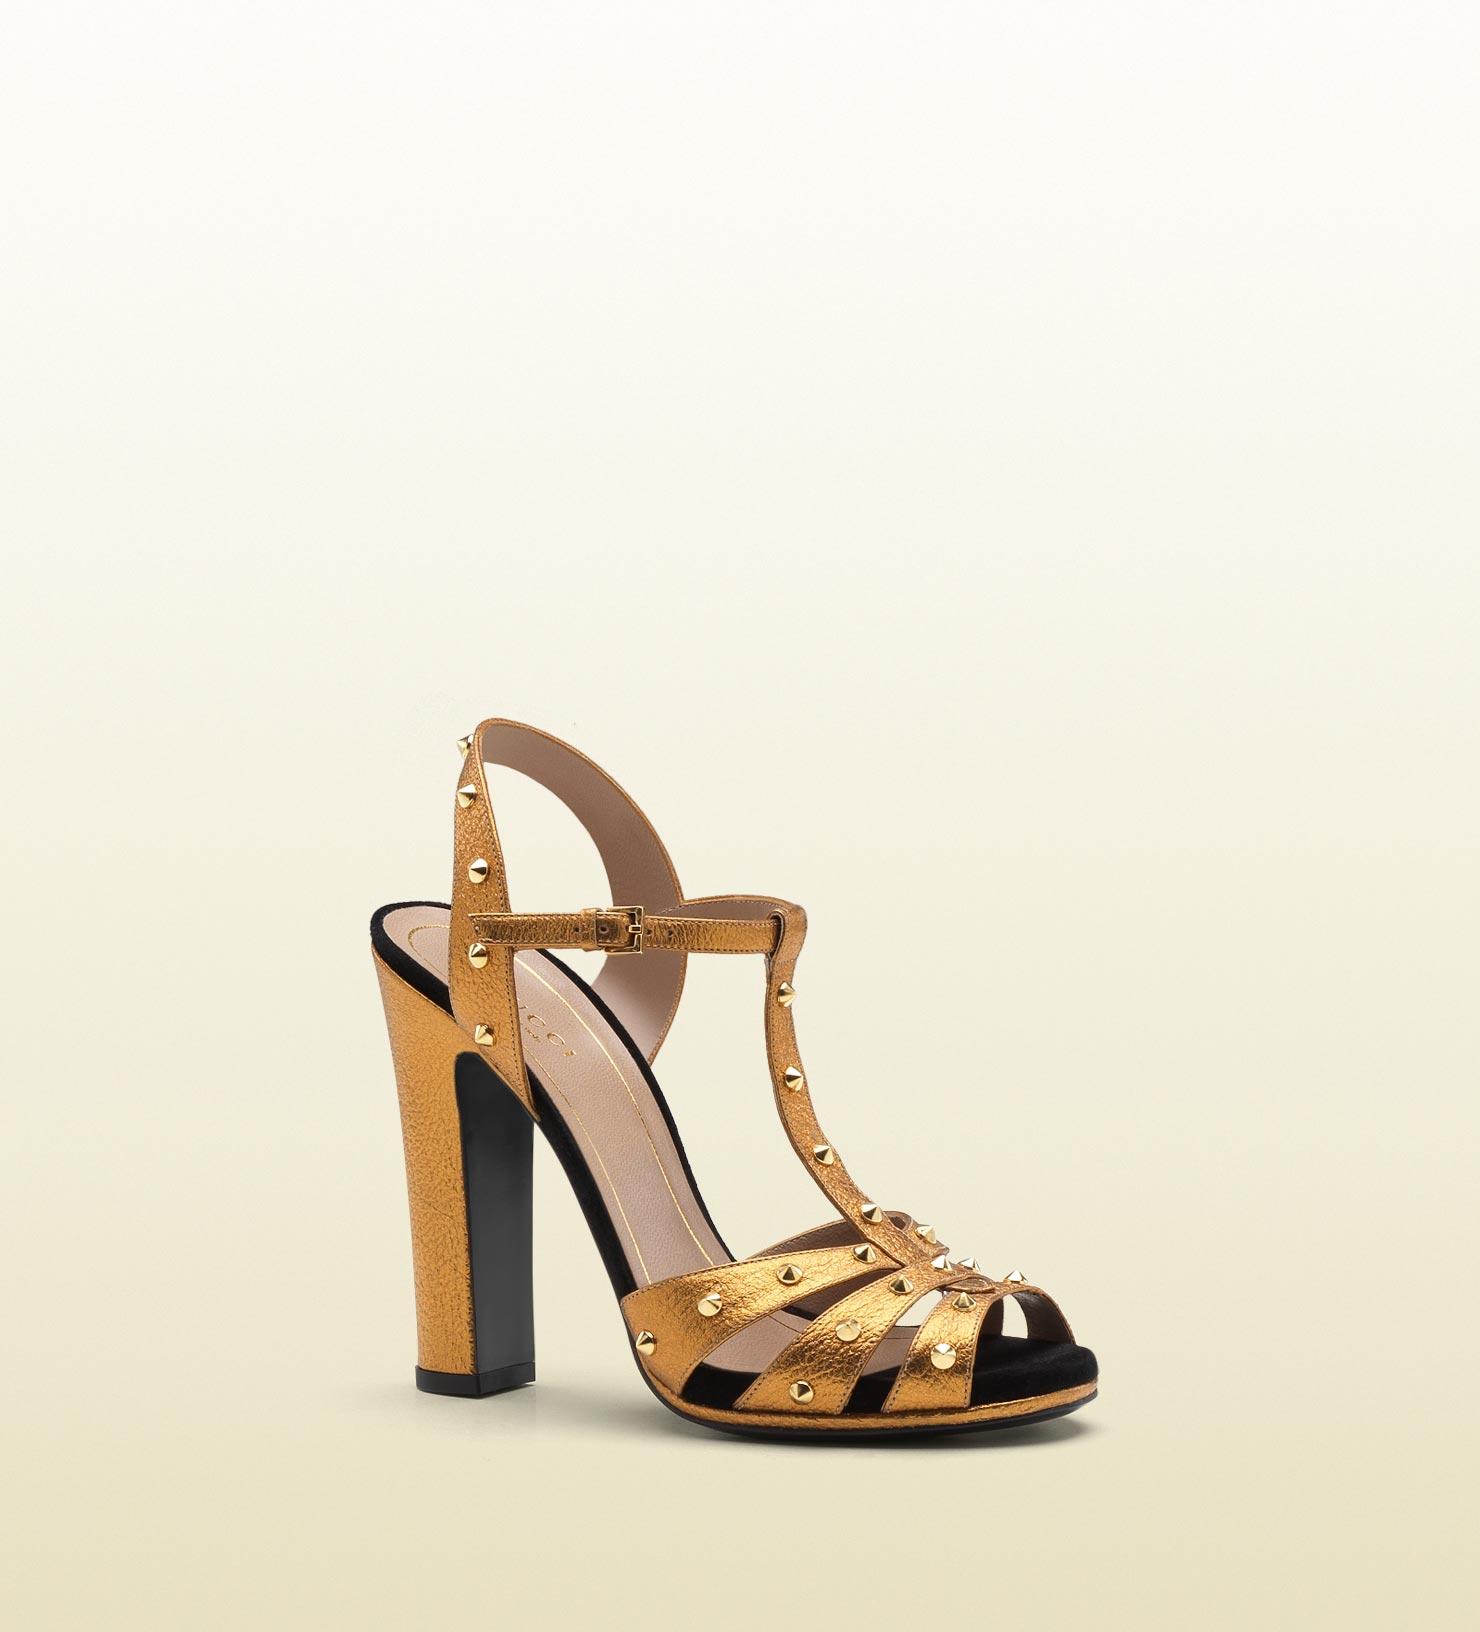 Gold Sandals High Heels